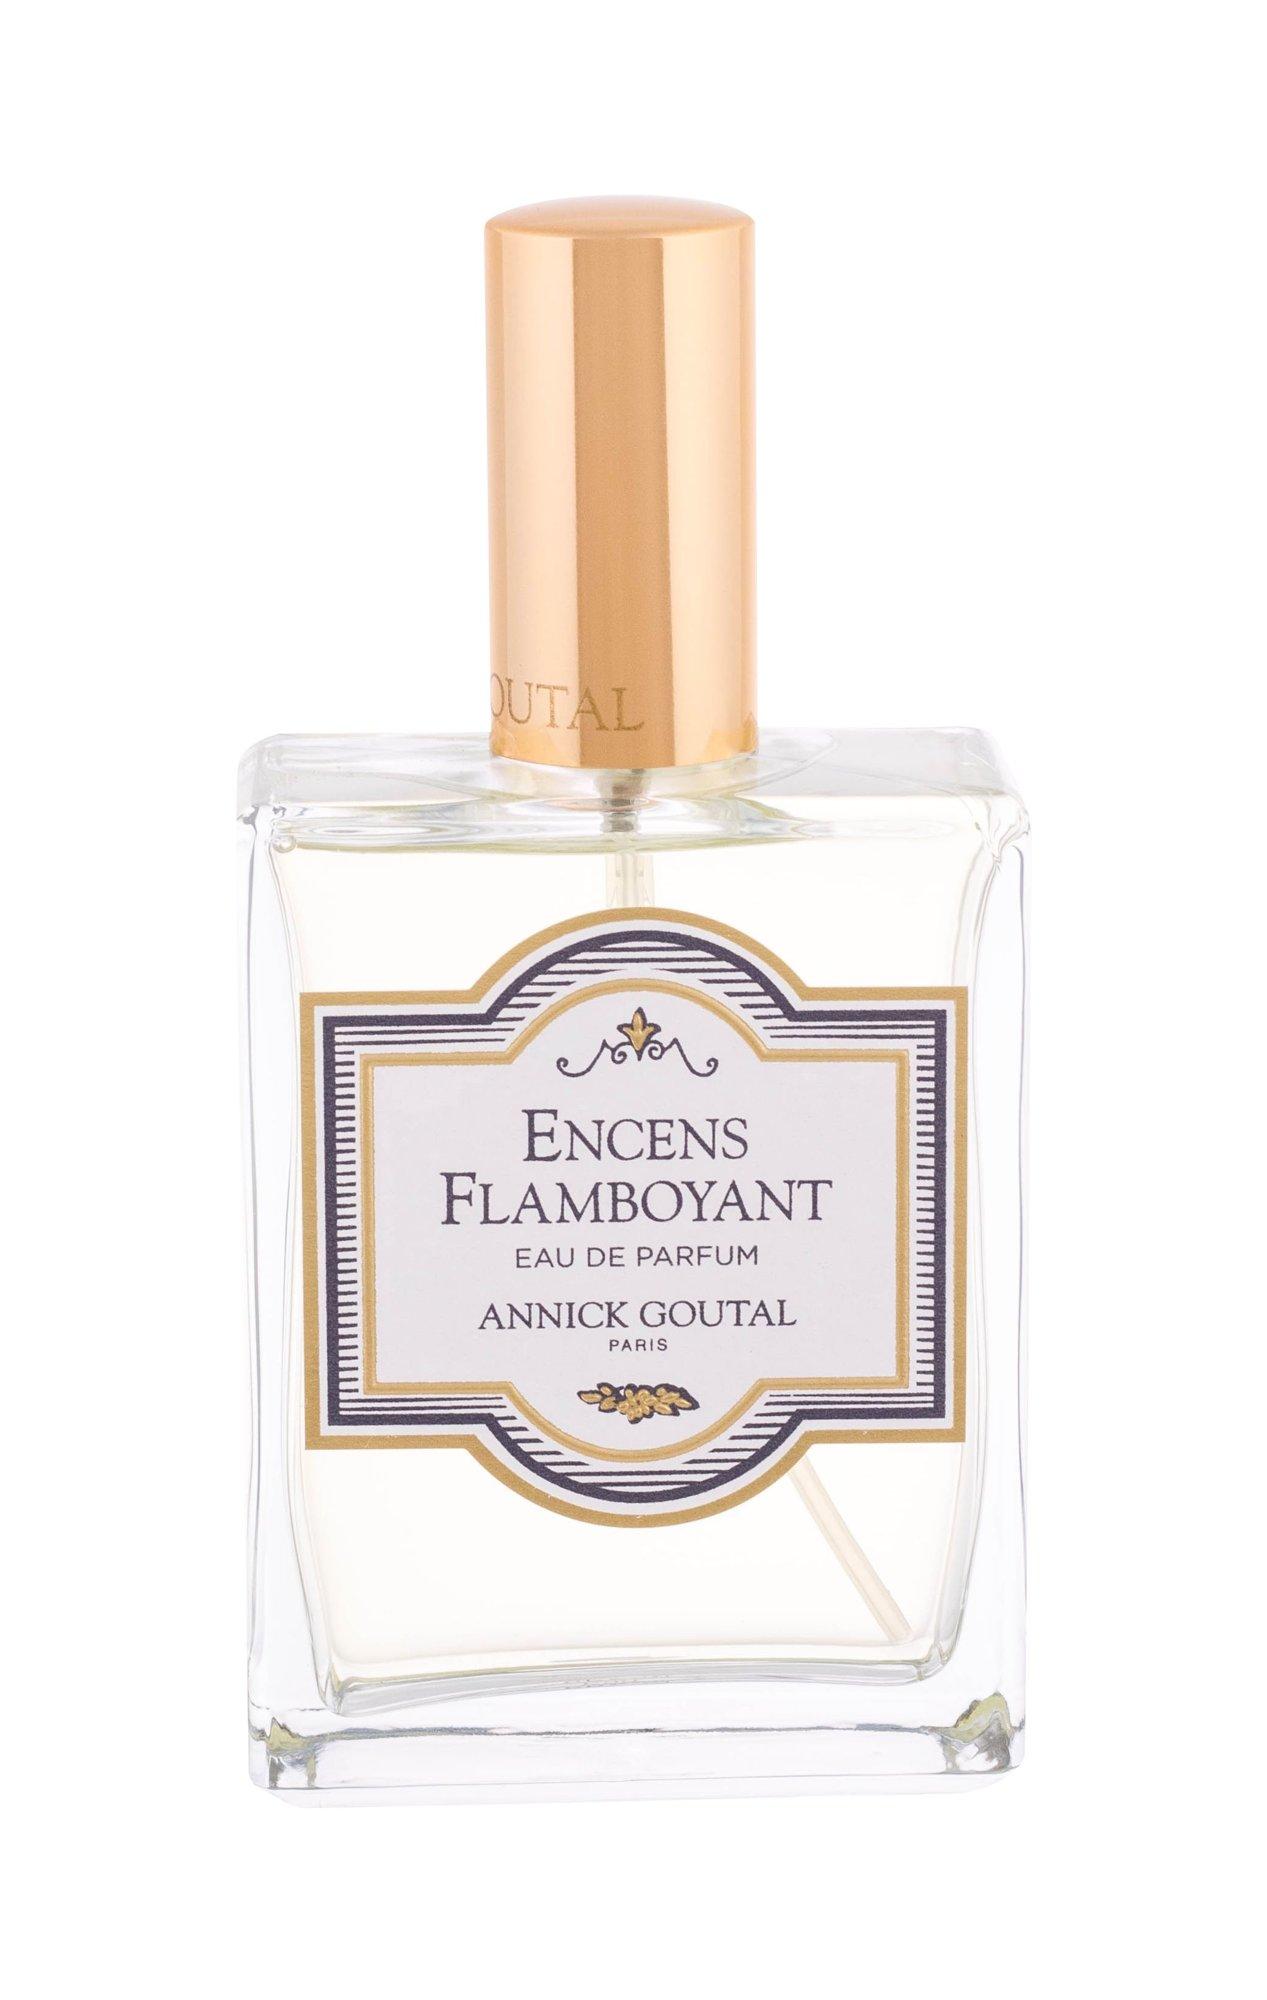 Annick Goutal Encens Flamboyant Eau de Parfum 100ml